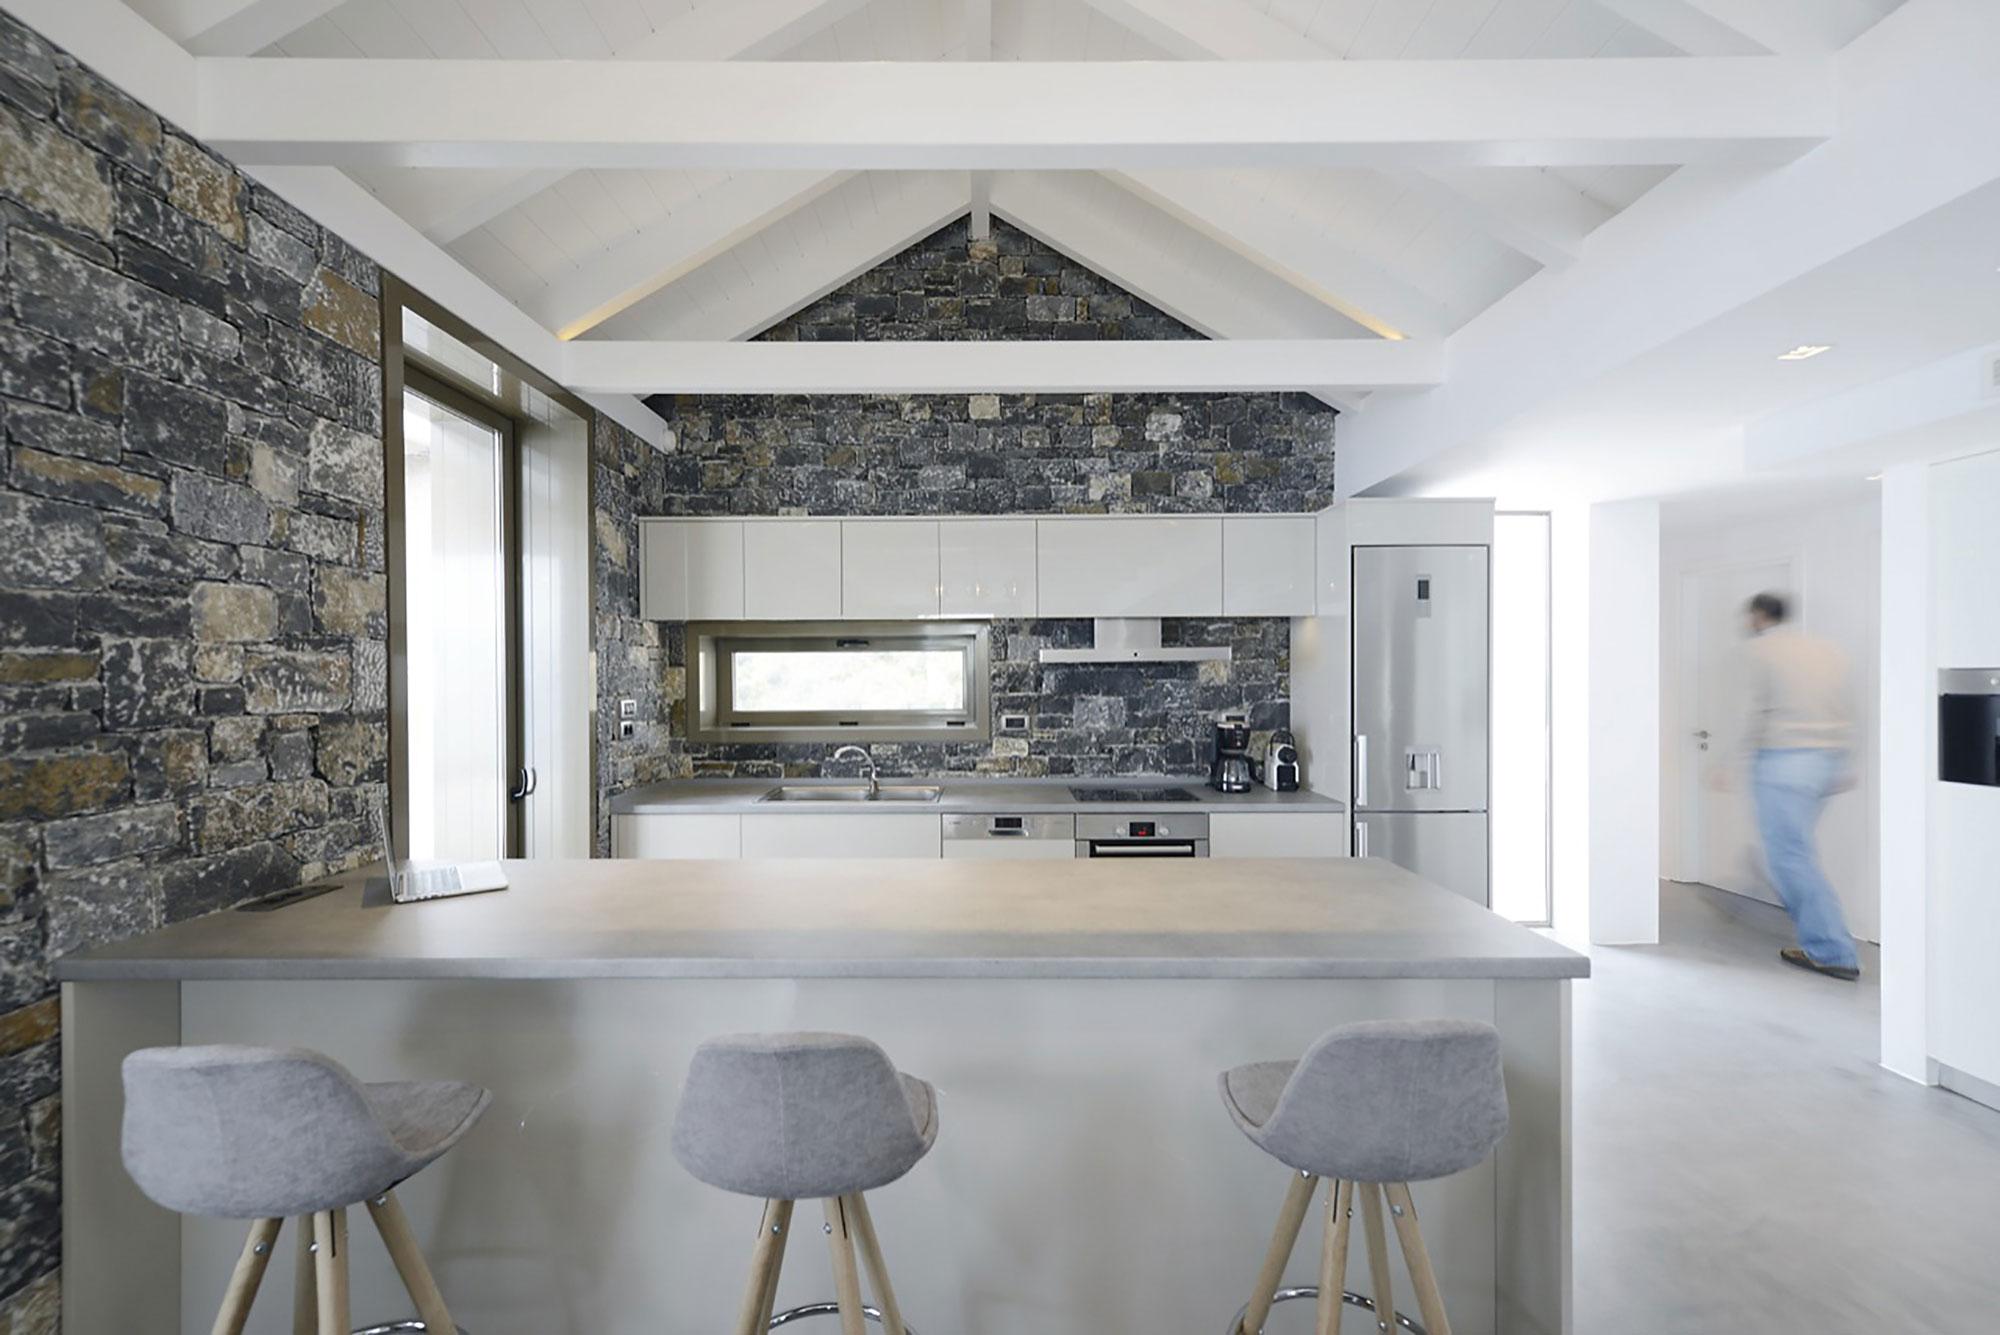 Melana Residence by Valia Foufa & Panagiotis Papassotiriou-09